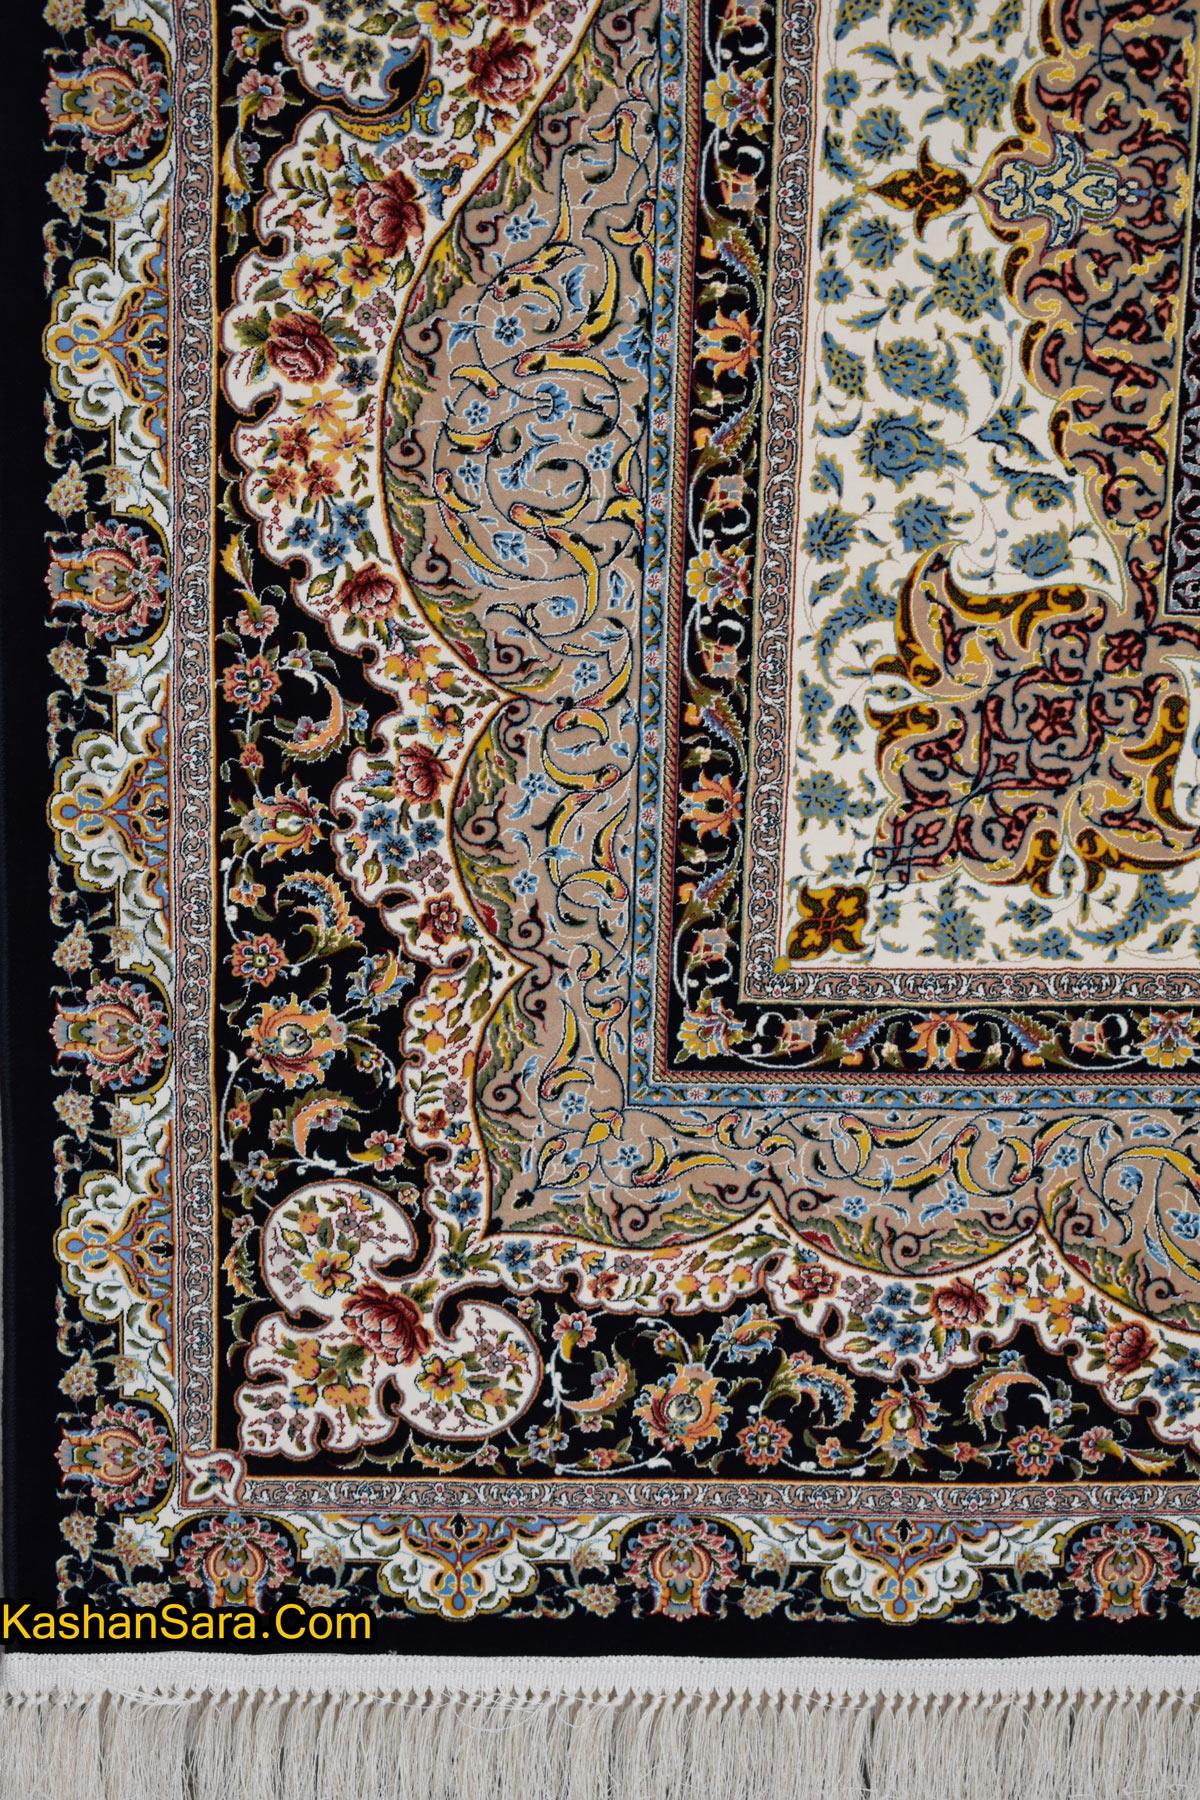 قیمت فرش طرح سالار ۱۲۰۰ شانه